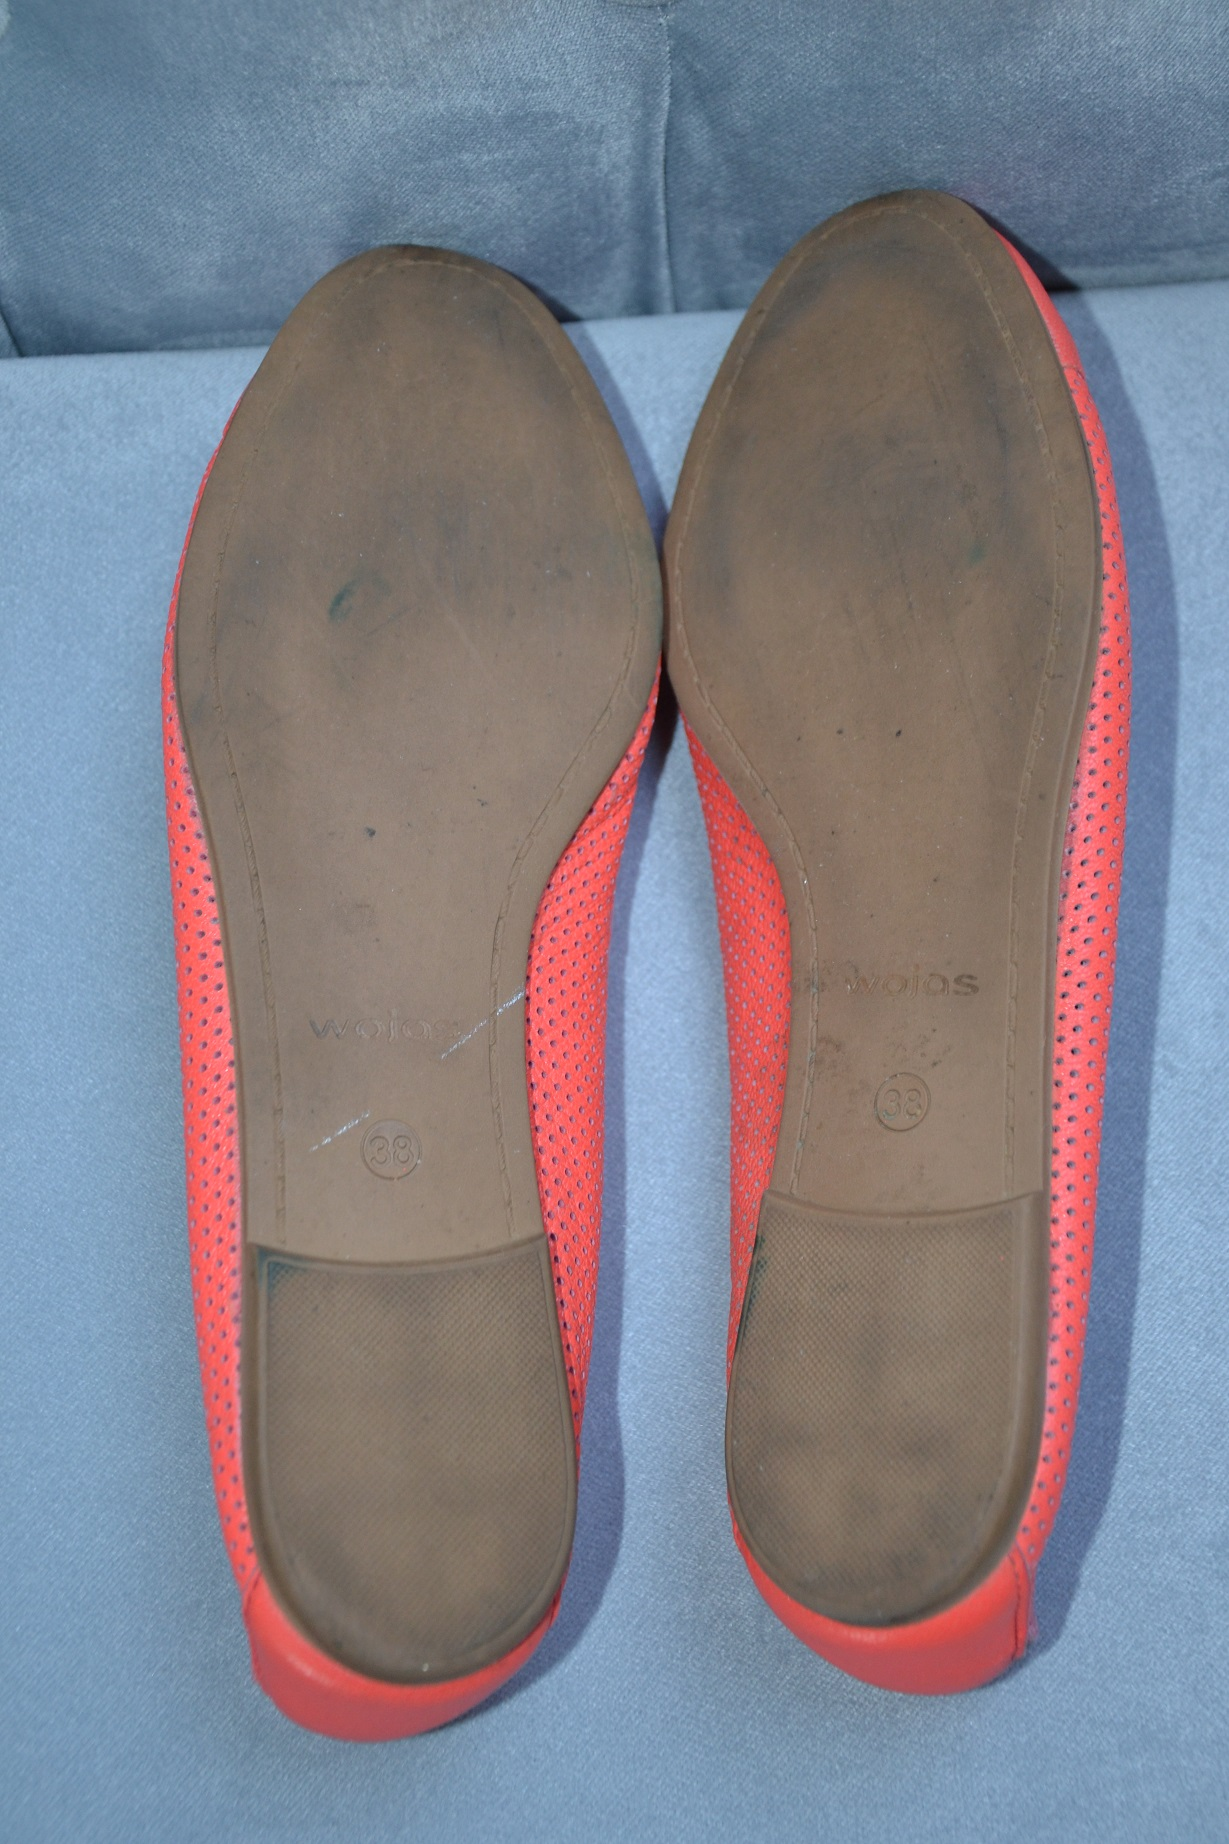 bb6ea08b77e75 Pomarańczowe skórzane balerinki Wojas - 7296804883 - oficjalne ...